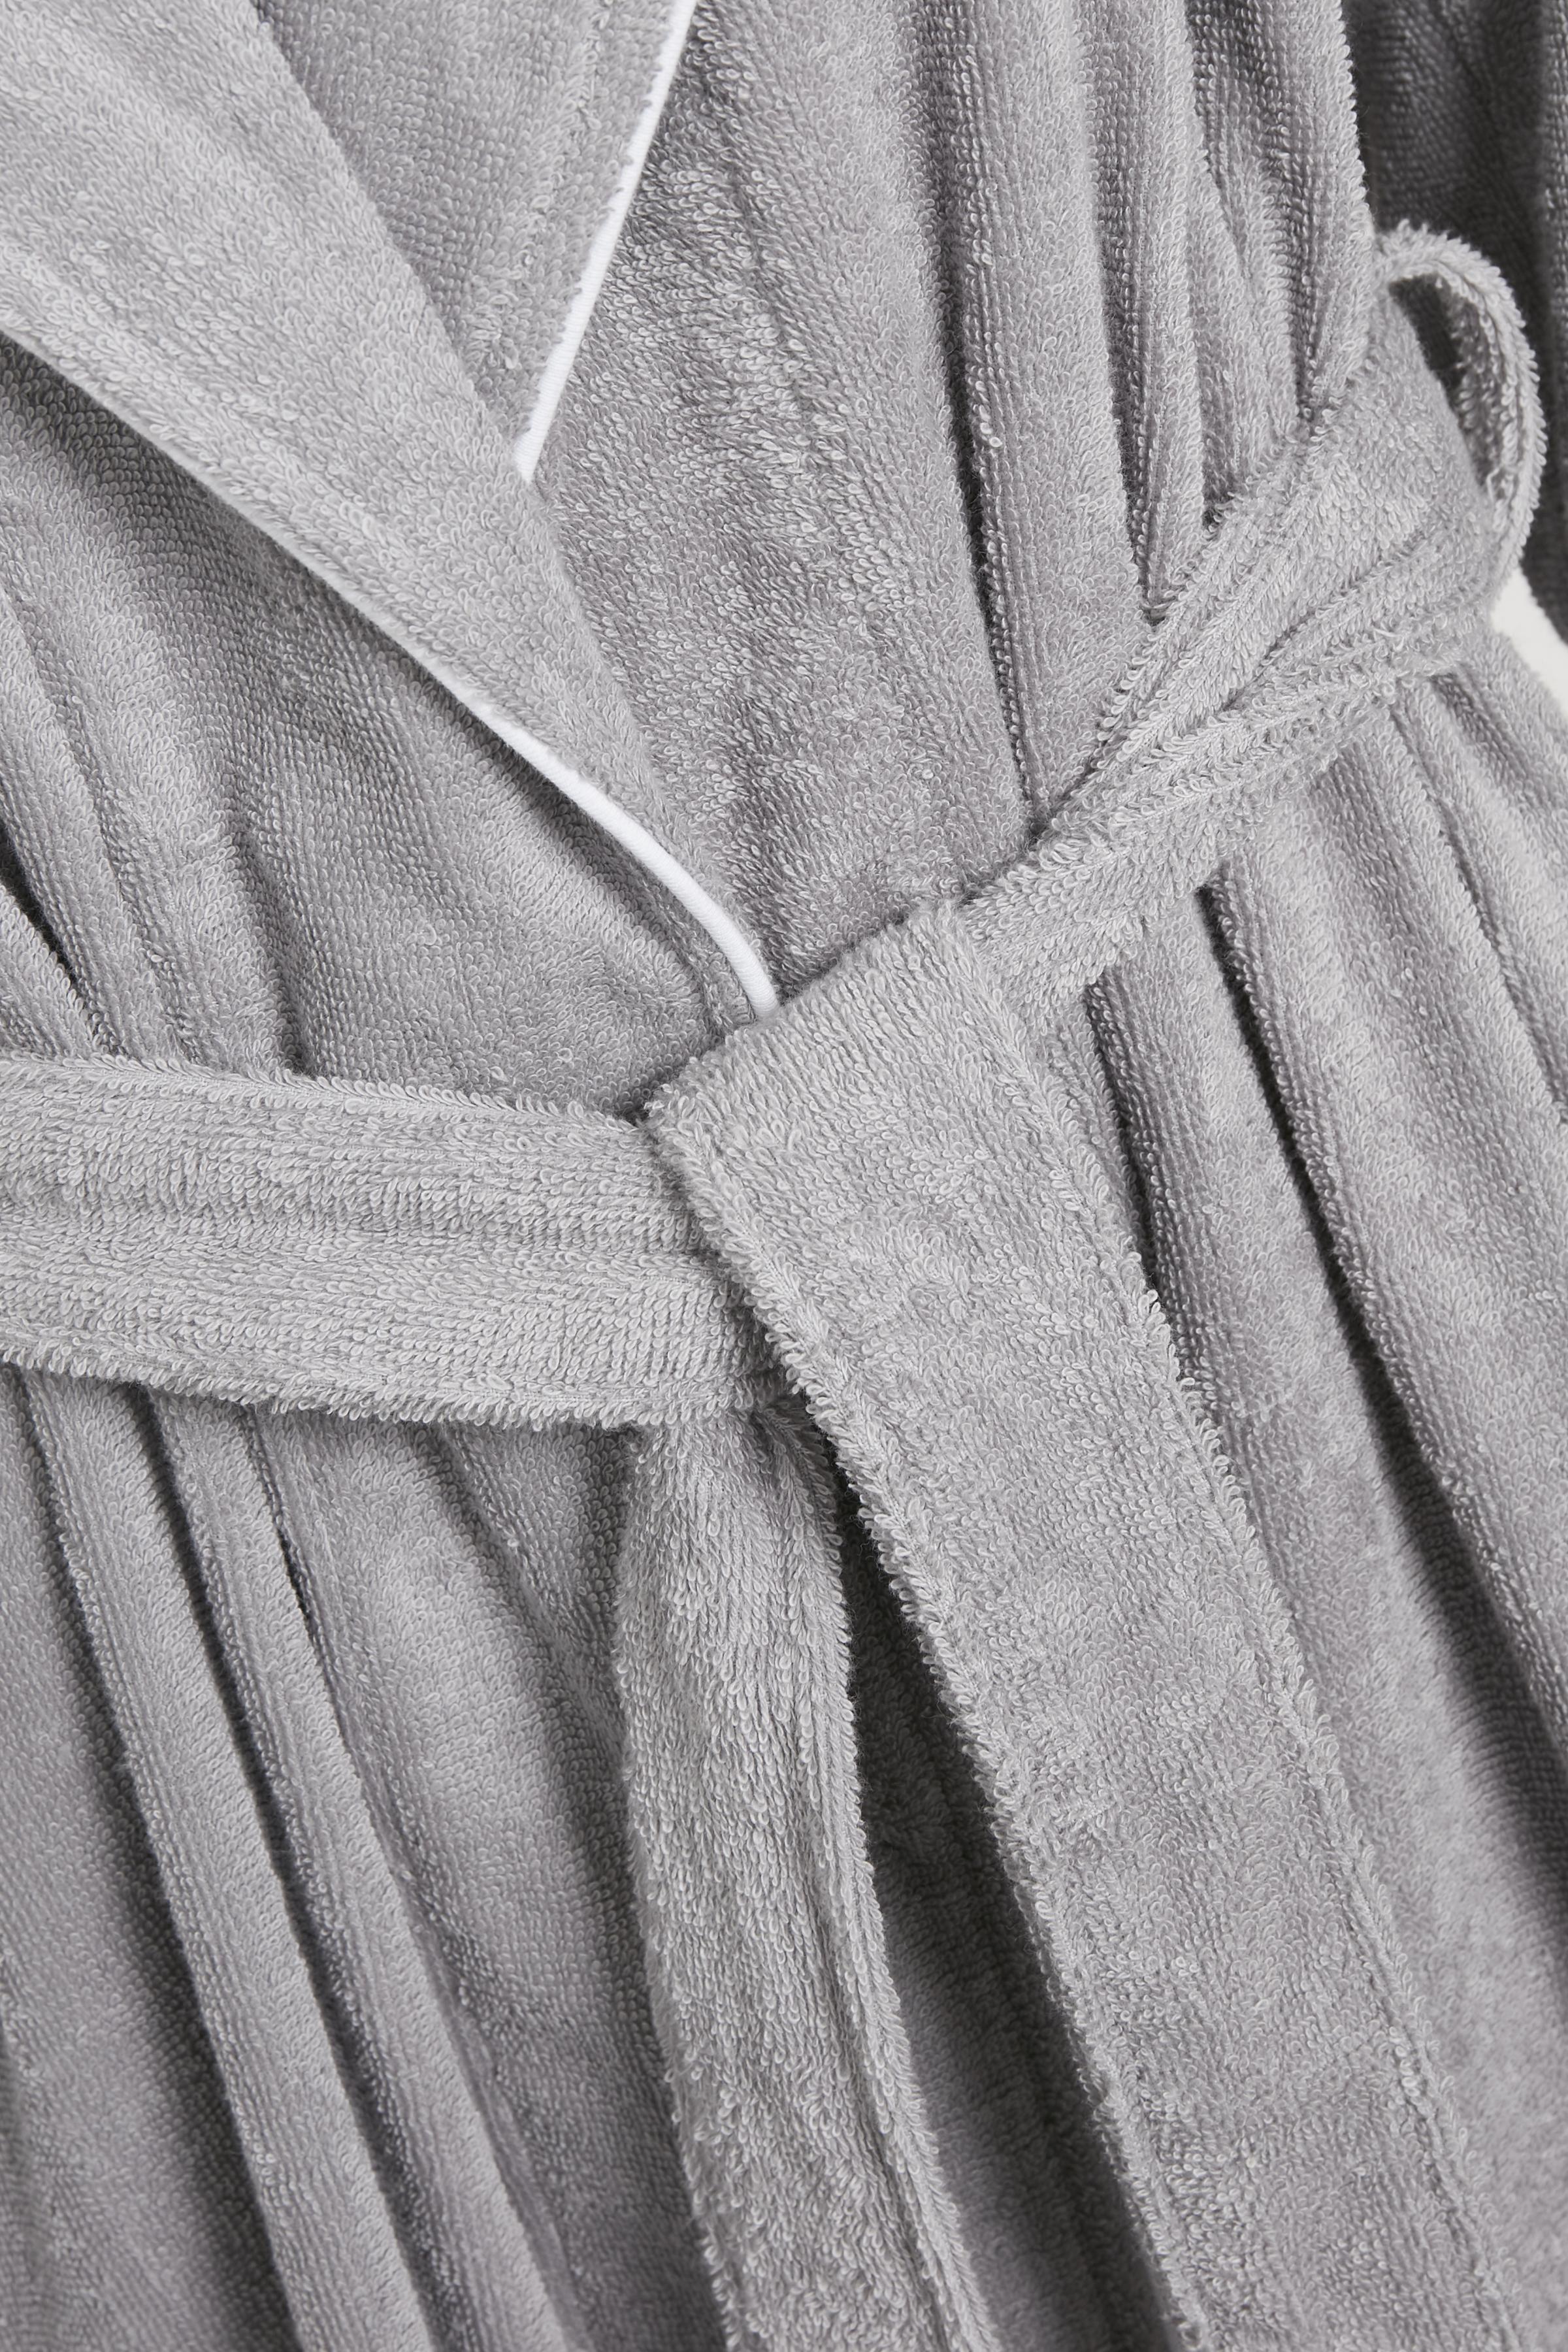 Silbergrau Nachtwäsche von Triumph – Shoppen Sie Silbergrau Nachtwäsche ab Gr. 36-44 hier